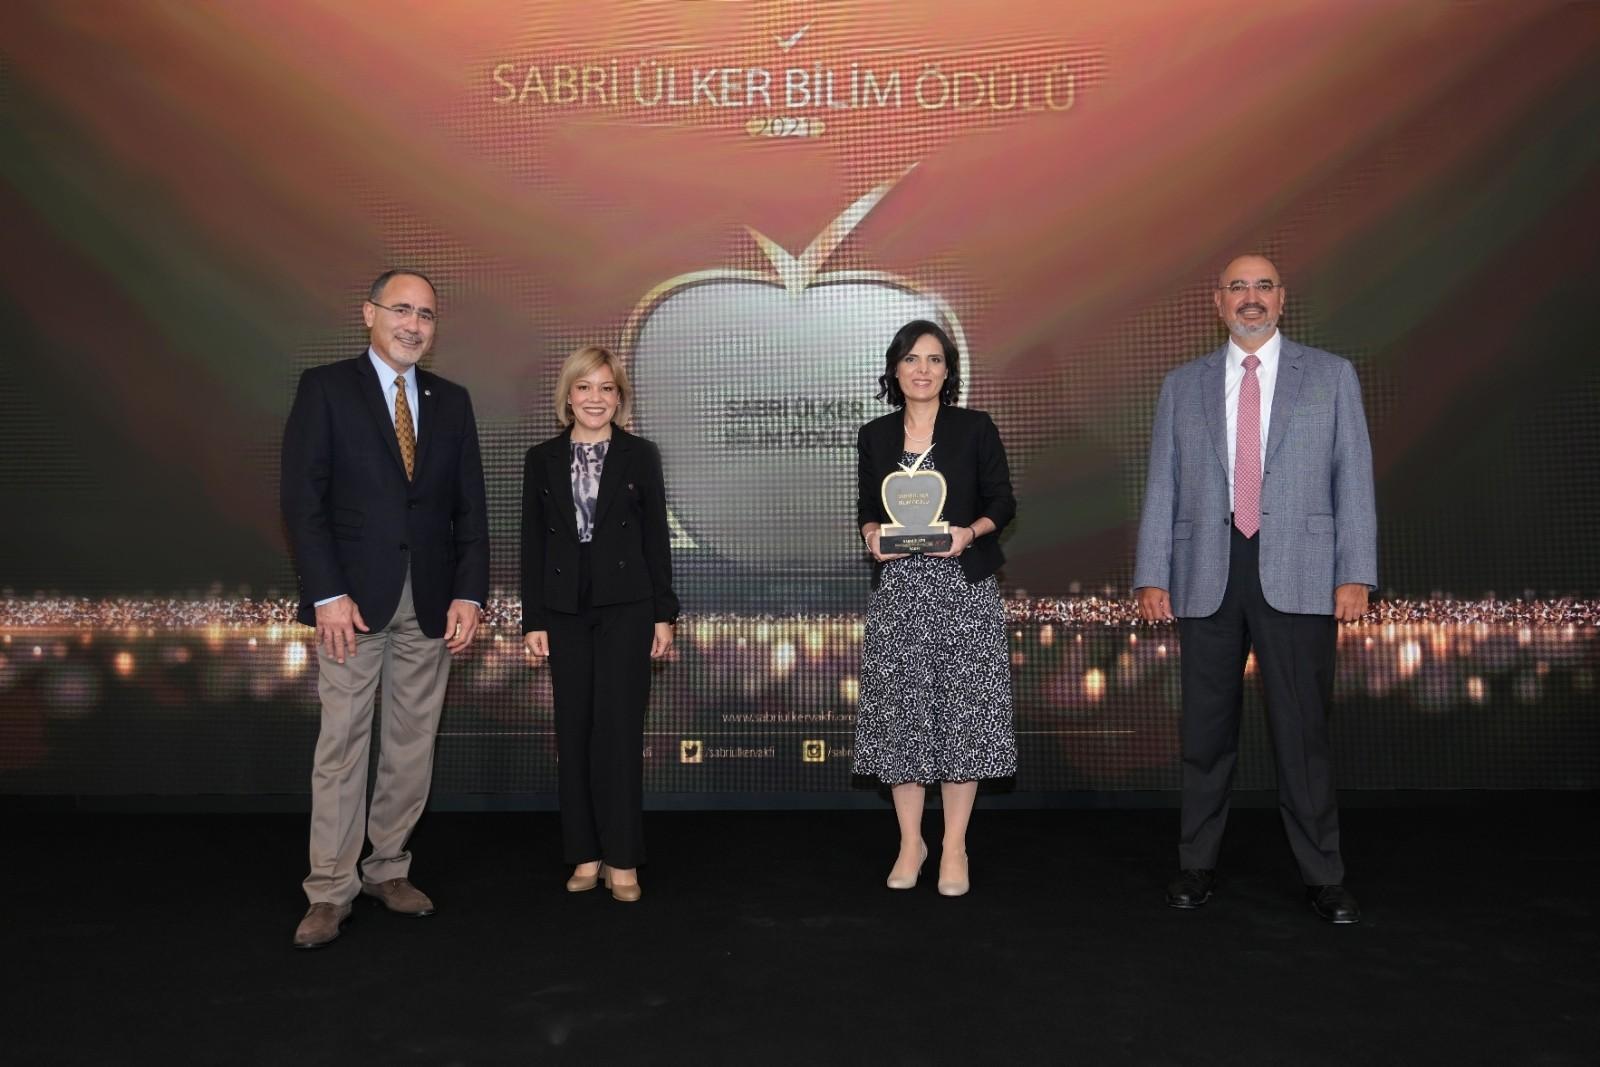 Sabri Ülker Bilim Ödülü kazananı Metabolizma ve Yaşam Sempozyumu'nda açıklandı